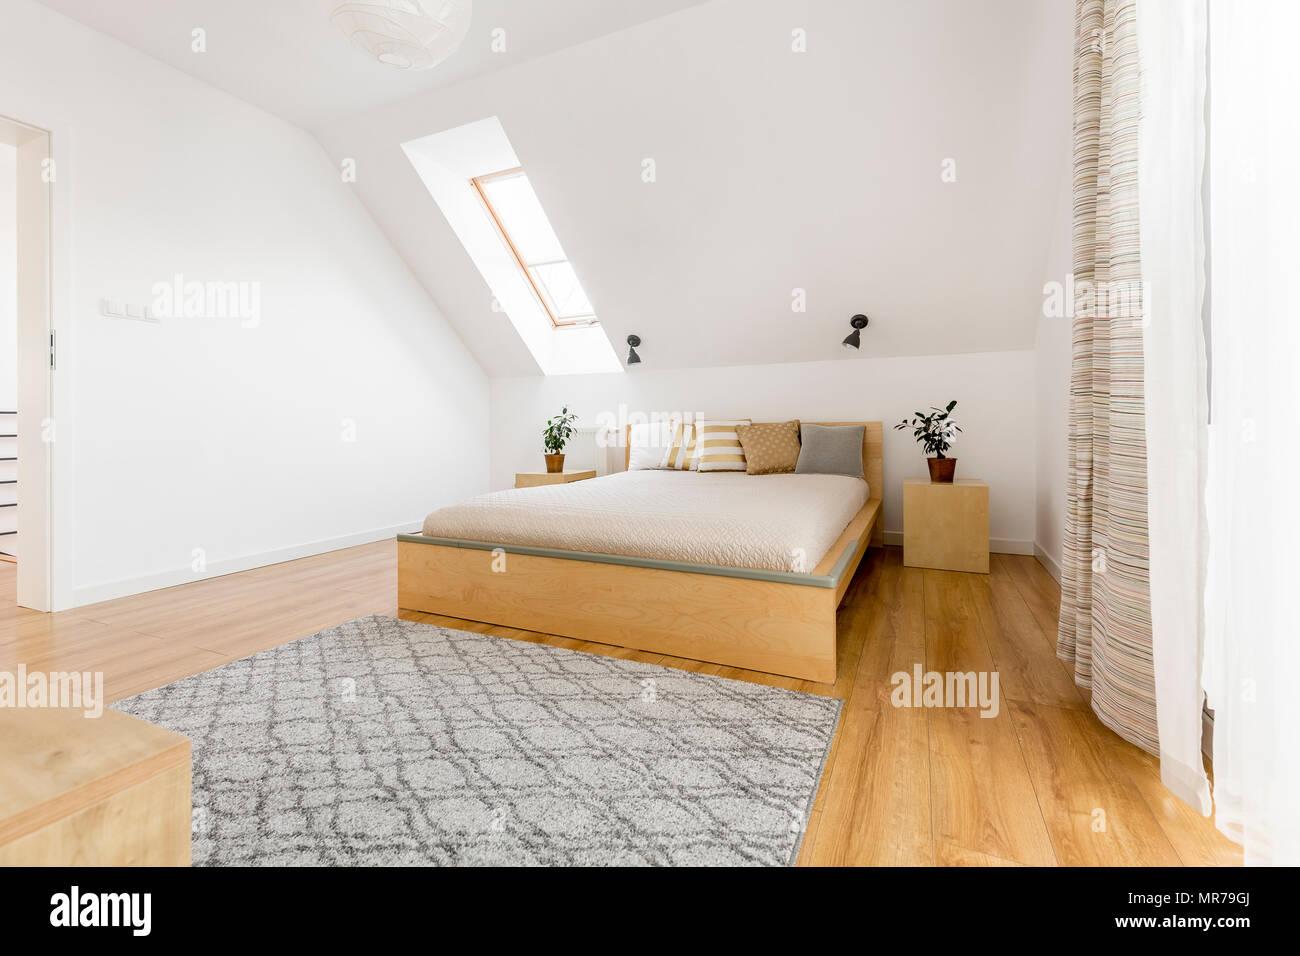 Fußbodenplatten Aus Holz ~ Dachgeschoss schlafzimmer mit fenster holz bett und bodenplatten